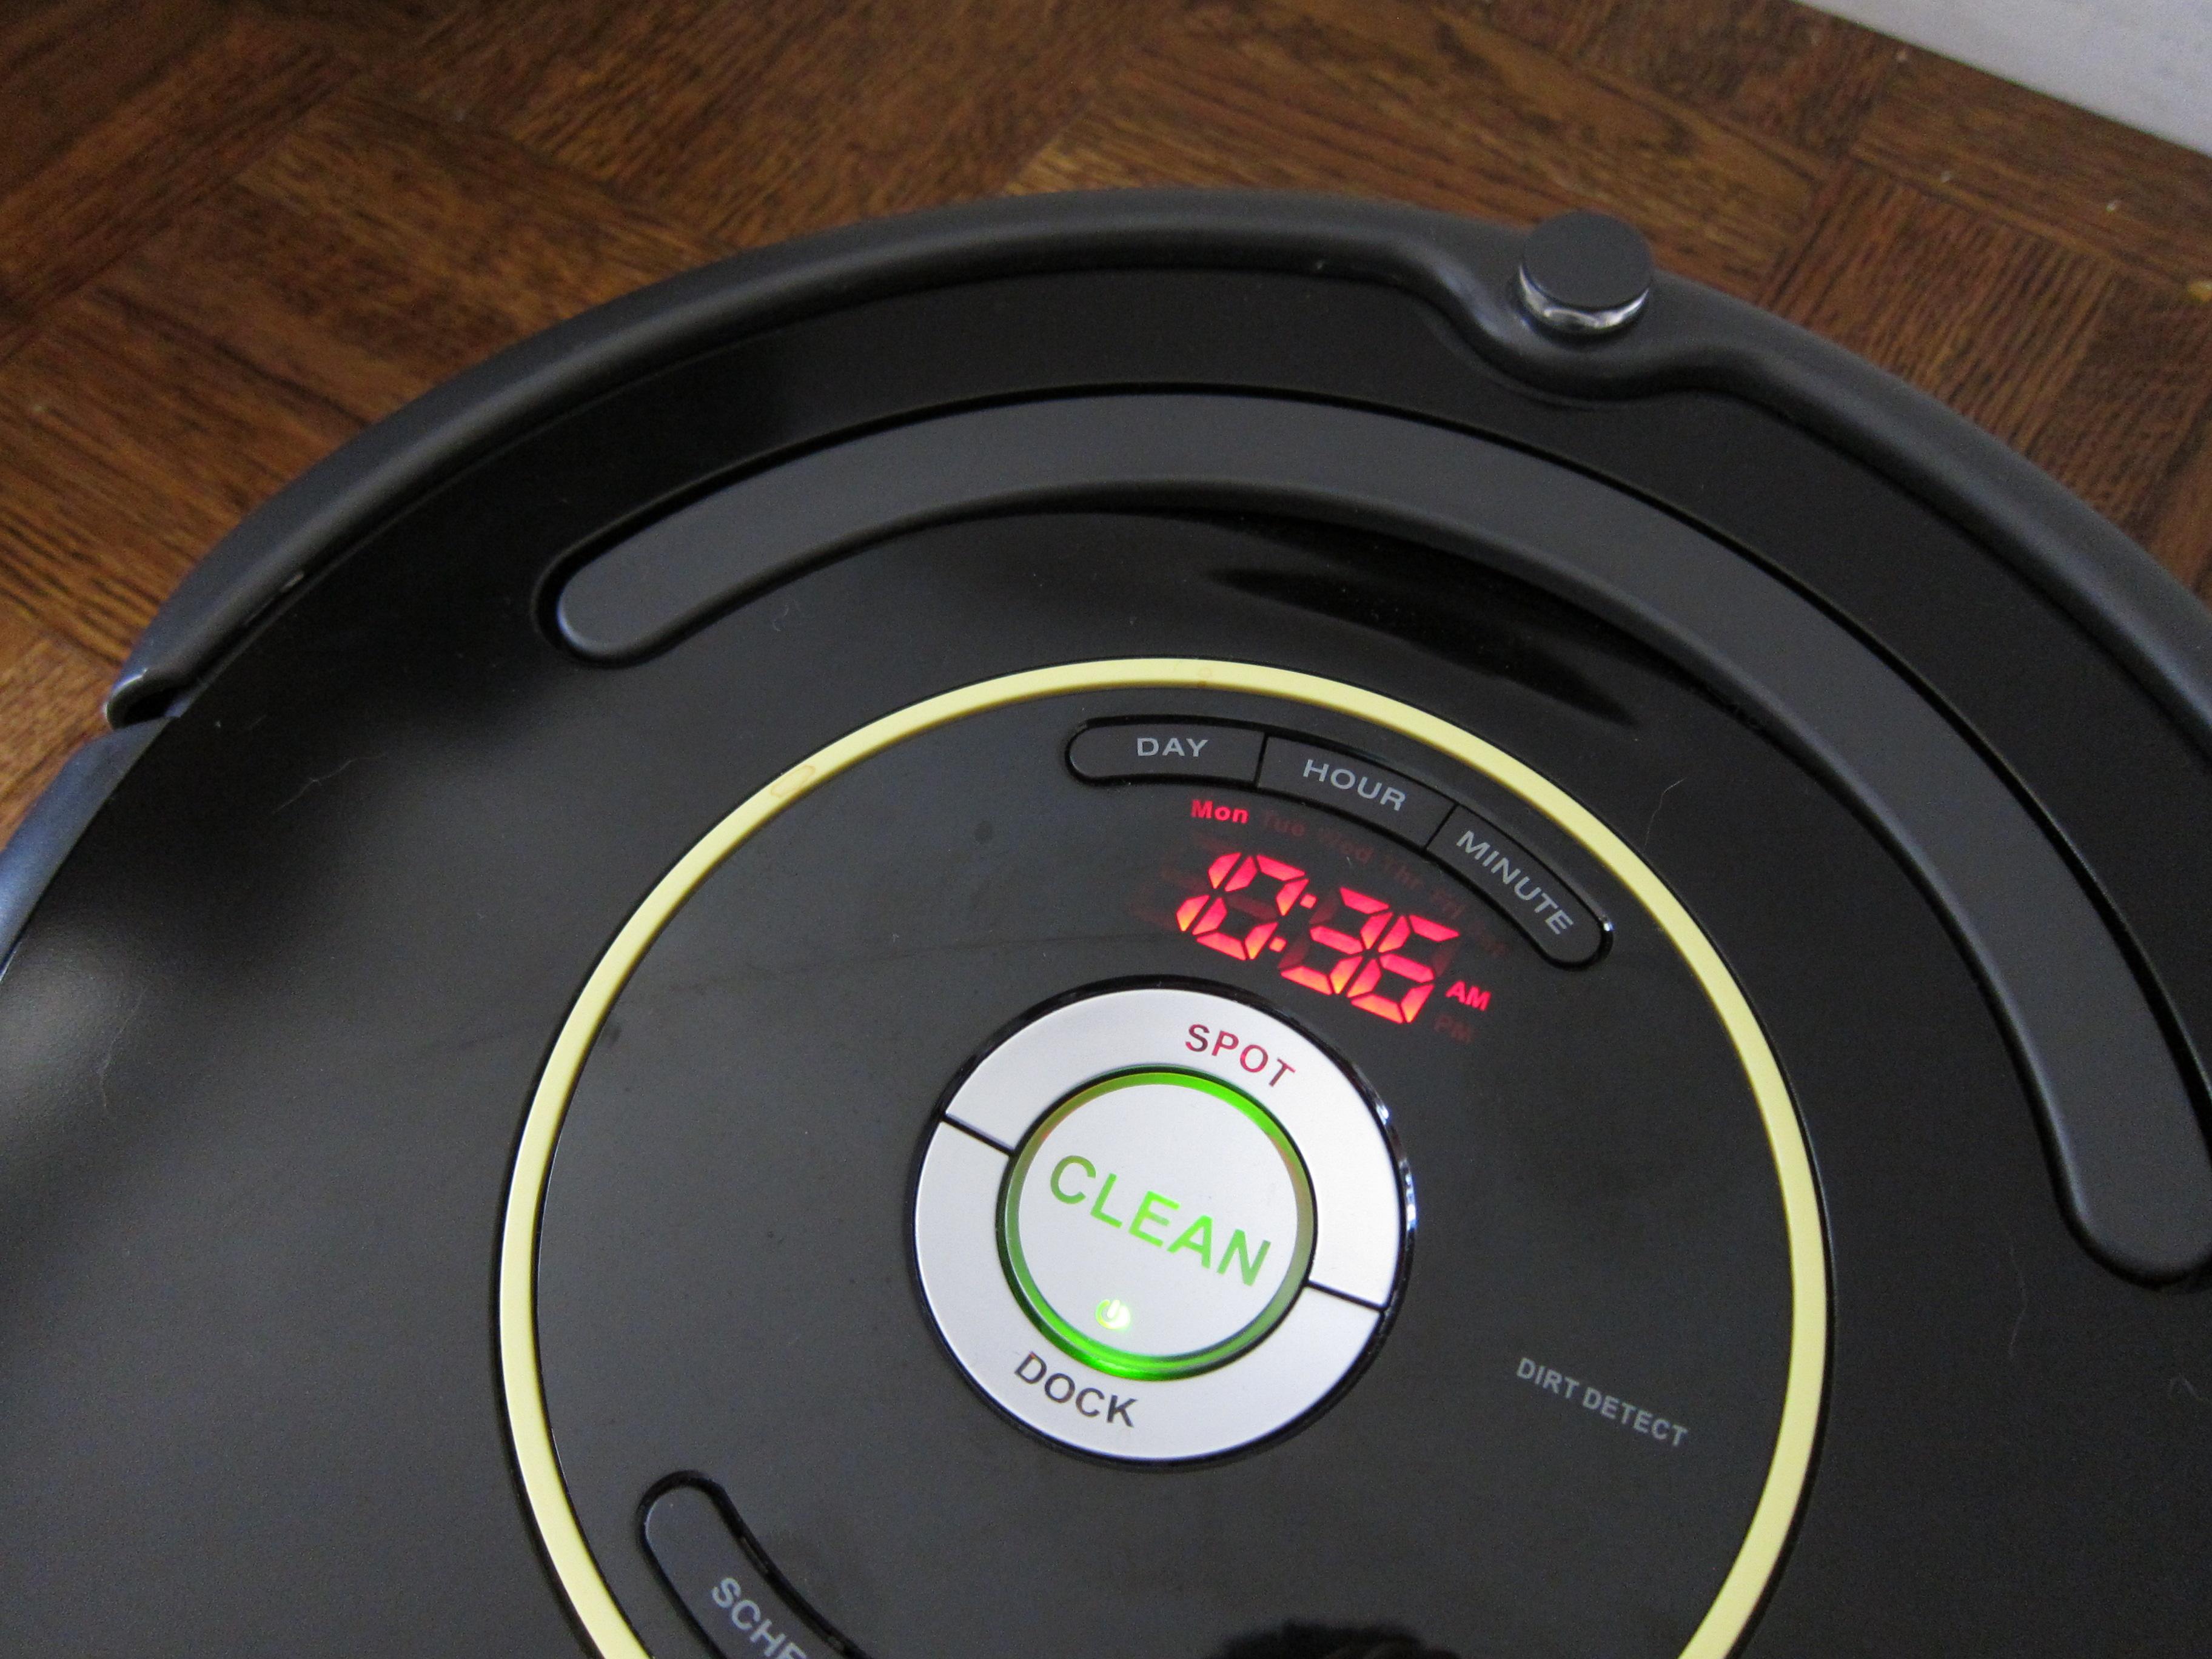 Lehet-e a Roomba működését egy meghatározott időre beprogramozni?